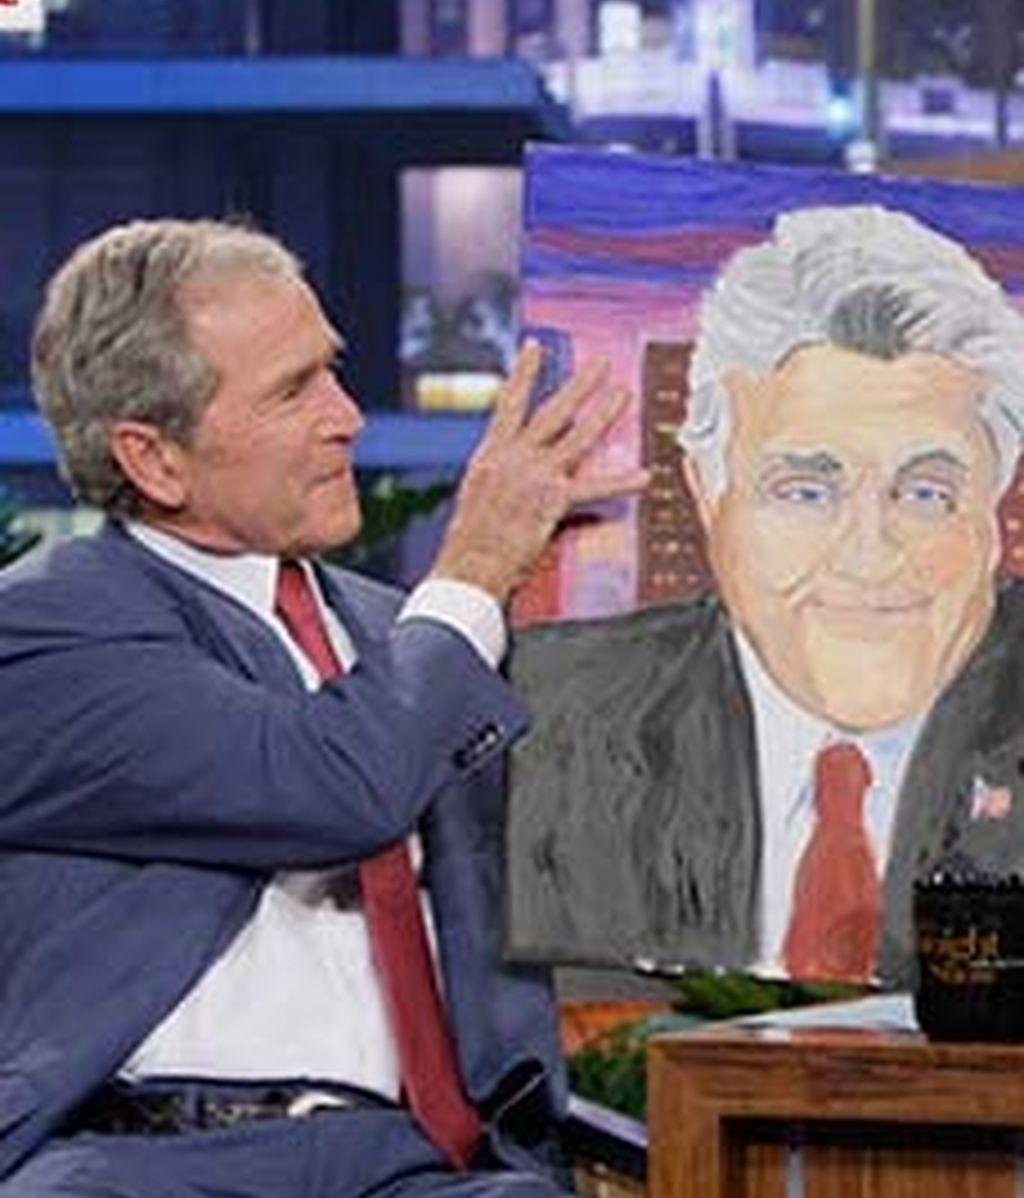 El lado más pictórico de Bush